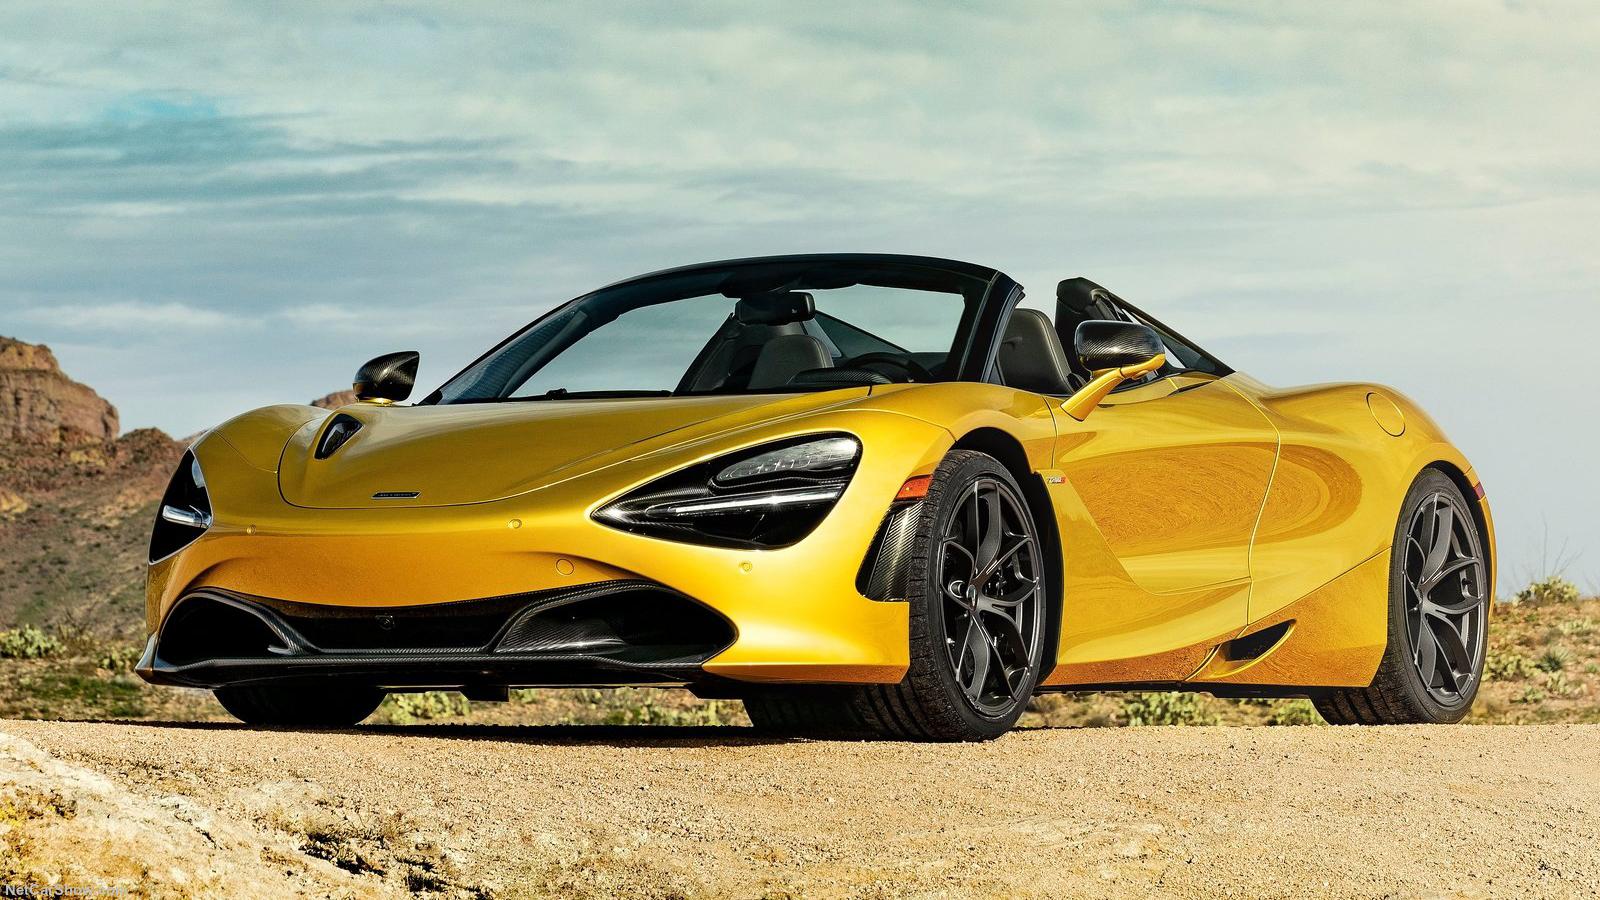 Siêu xe McLaren 720S Spider 27 tỷ và 5 điều đặc biệt